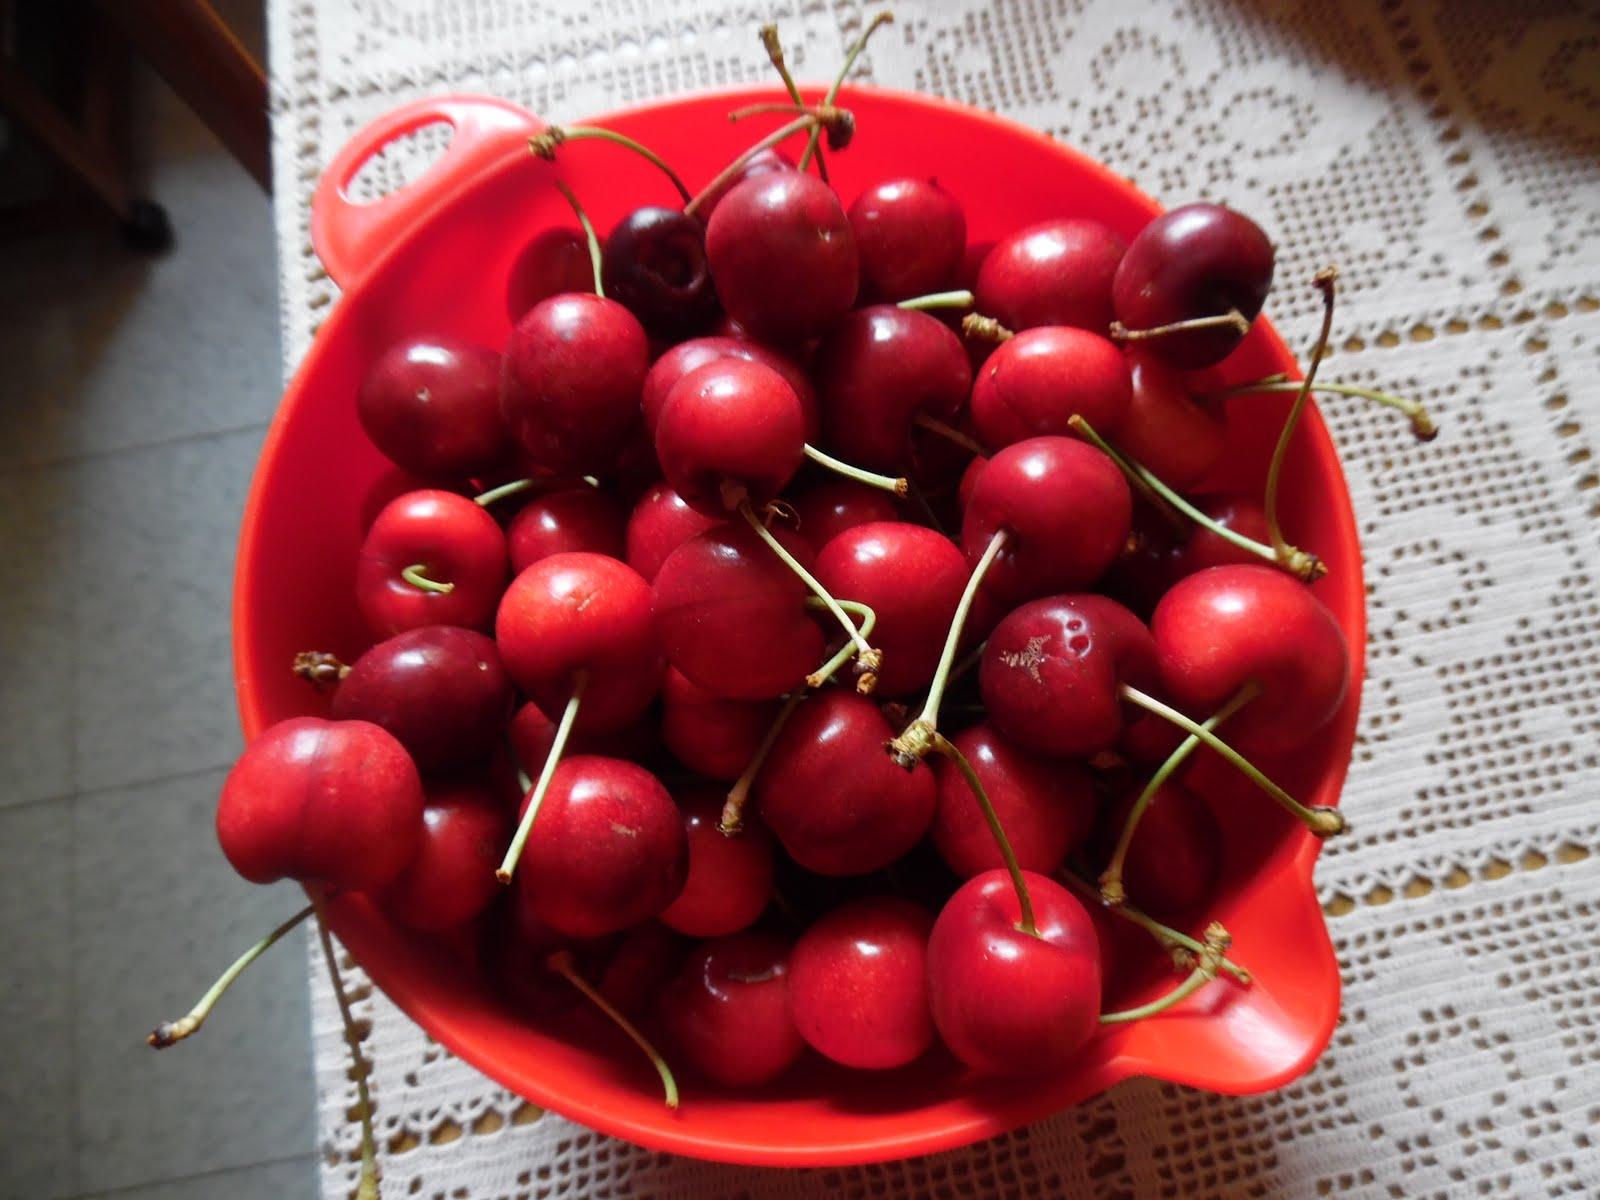 Concorso Prelibata : giugno e le ricette con le ciliegie!